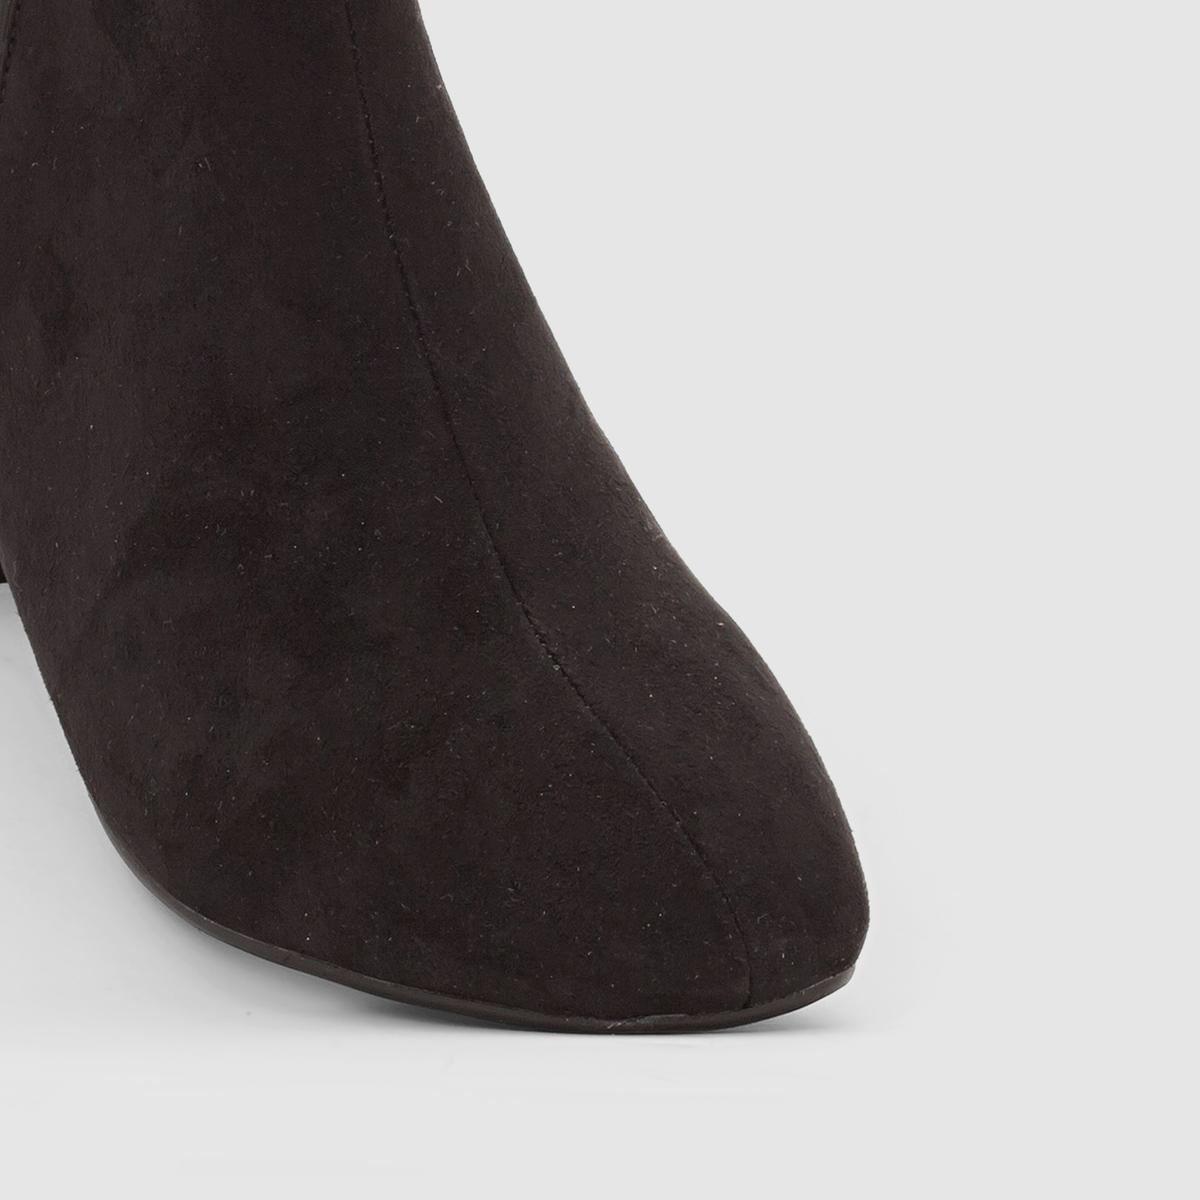 Ботильоны на каблукеМарка : CASTALUNA.Подходит : для широкой стопы.Верх : искусственная замша .Подкладка : кожа..Стелька : кожа..Подошва : из эластомера.Каблук :  4,5 см .Застежка : на молнии .Неоспоримые плюсы : Легко сочетаются с любой одеждой<br><br>Цвет: черный<br>Размер: 41.40